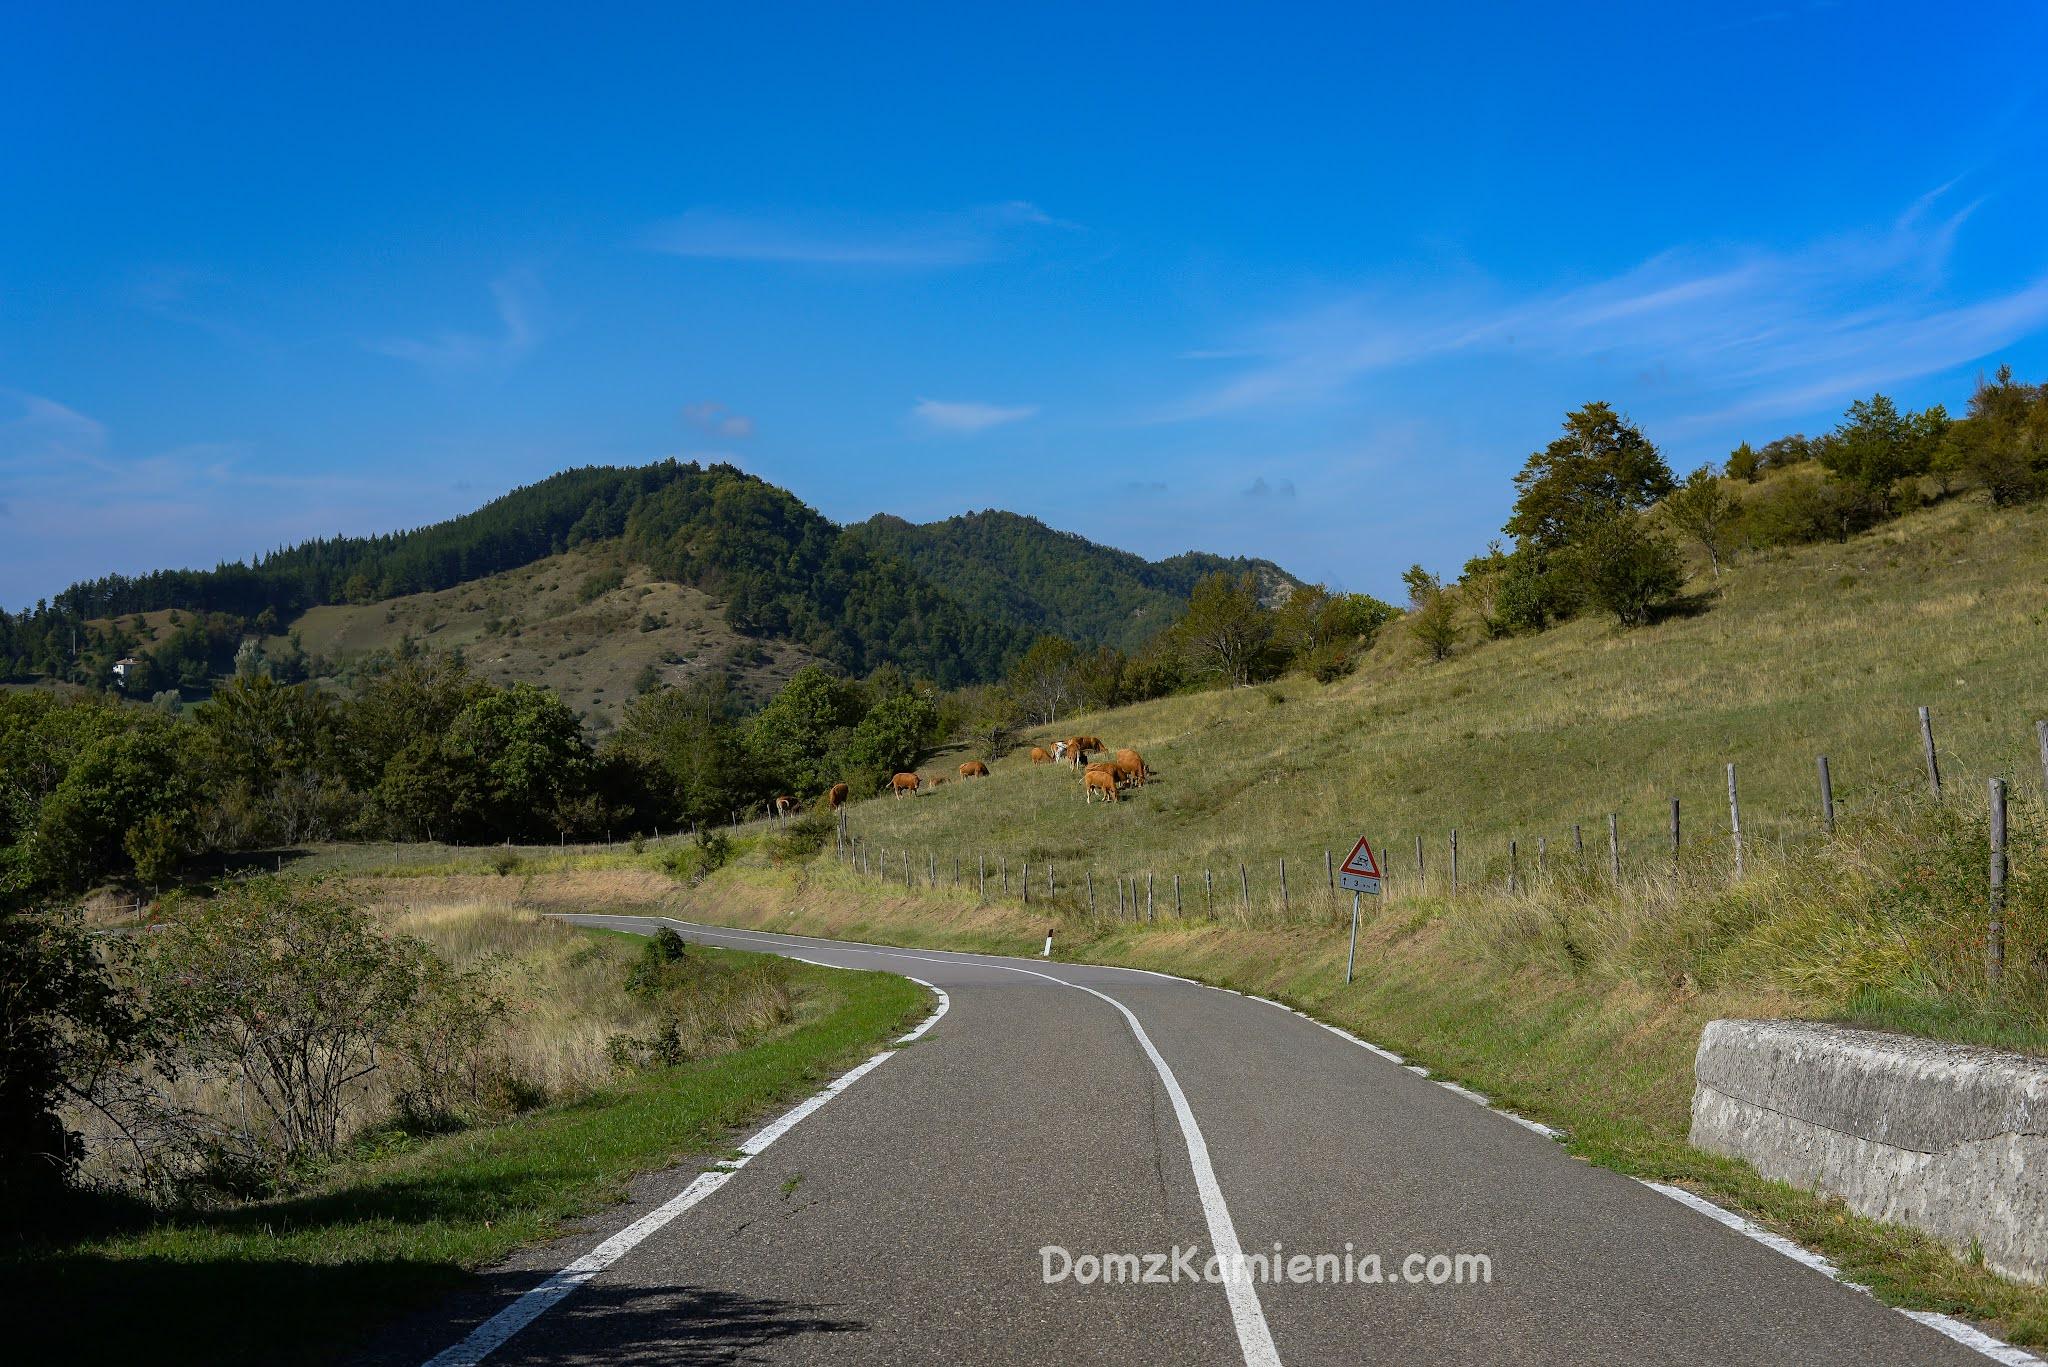 Jesień w Toskanii, Dom z Kamienia blog